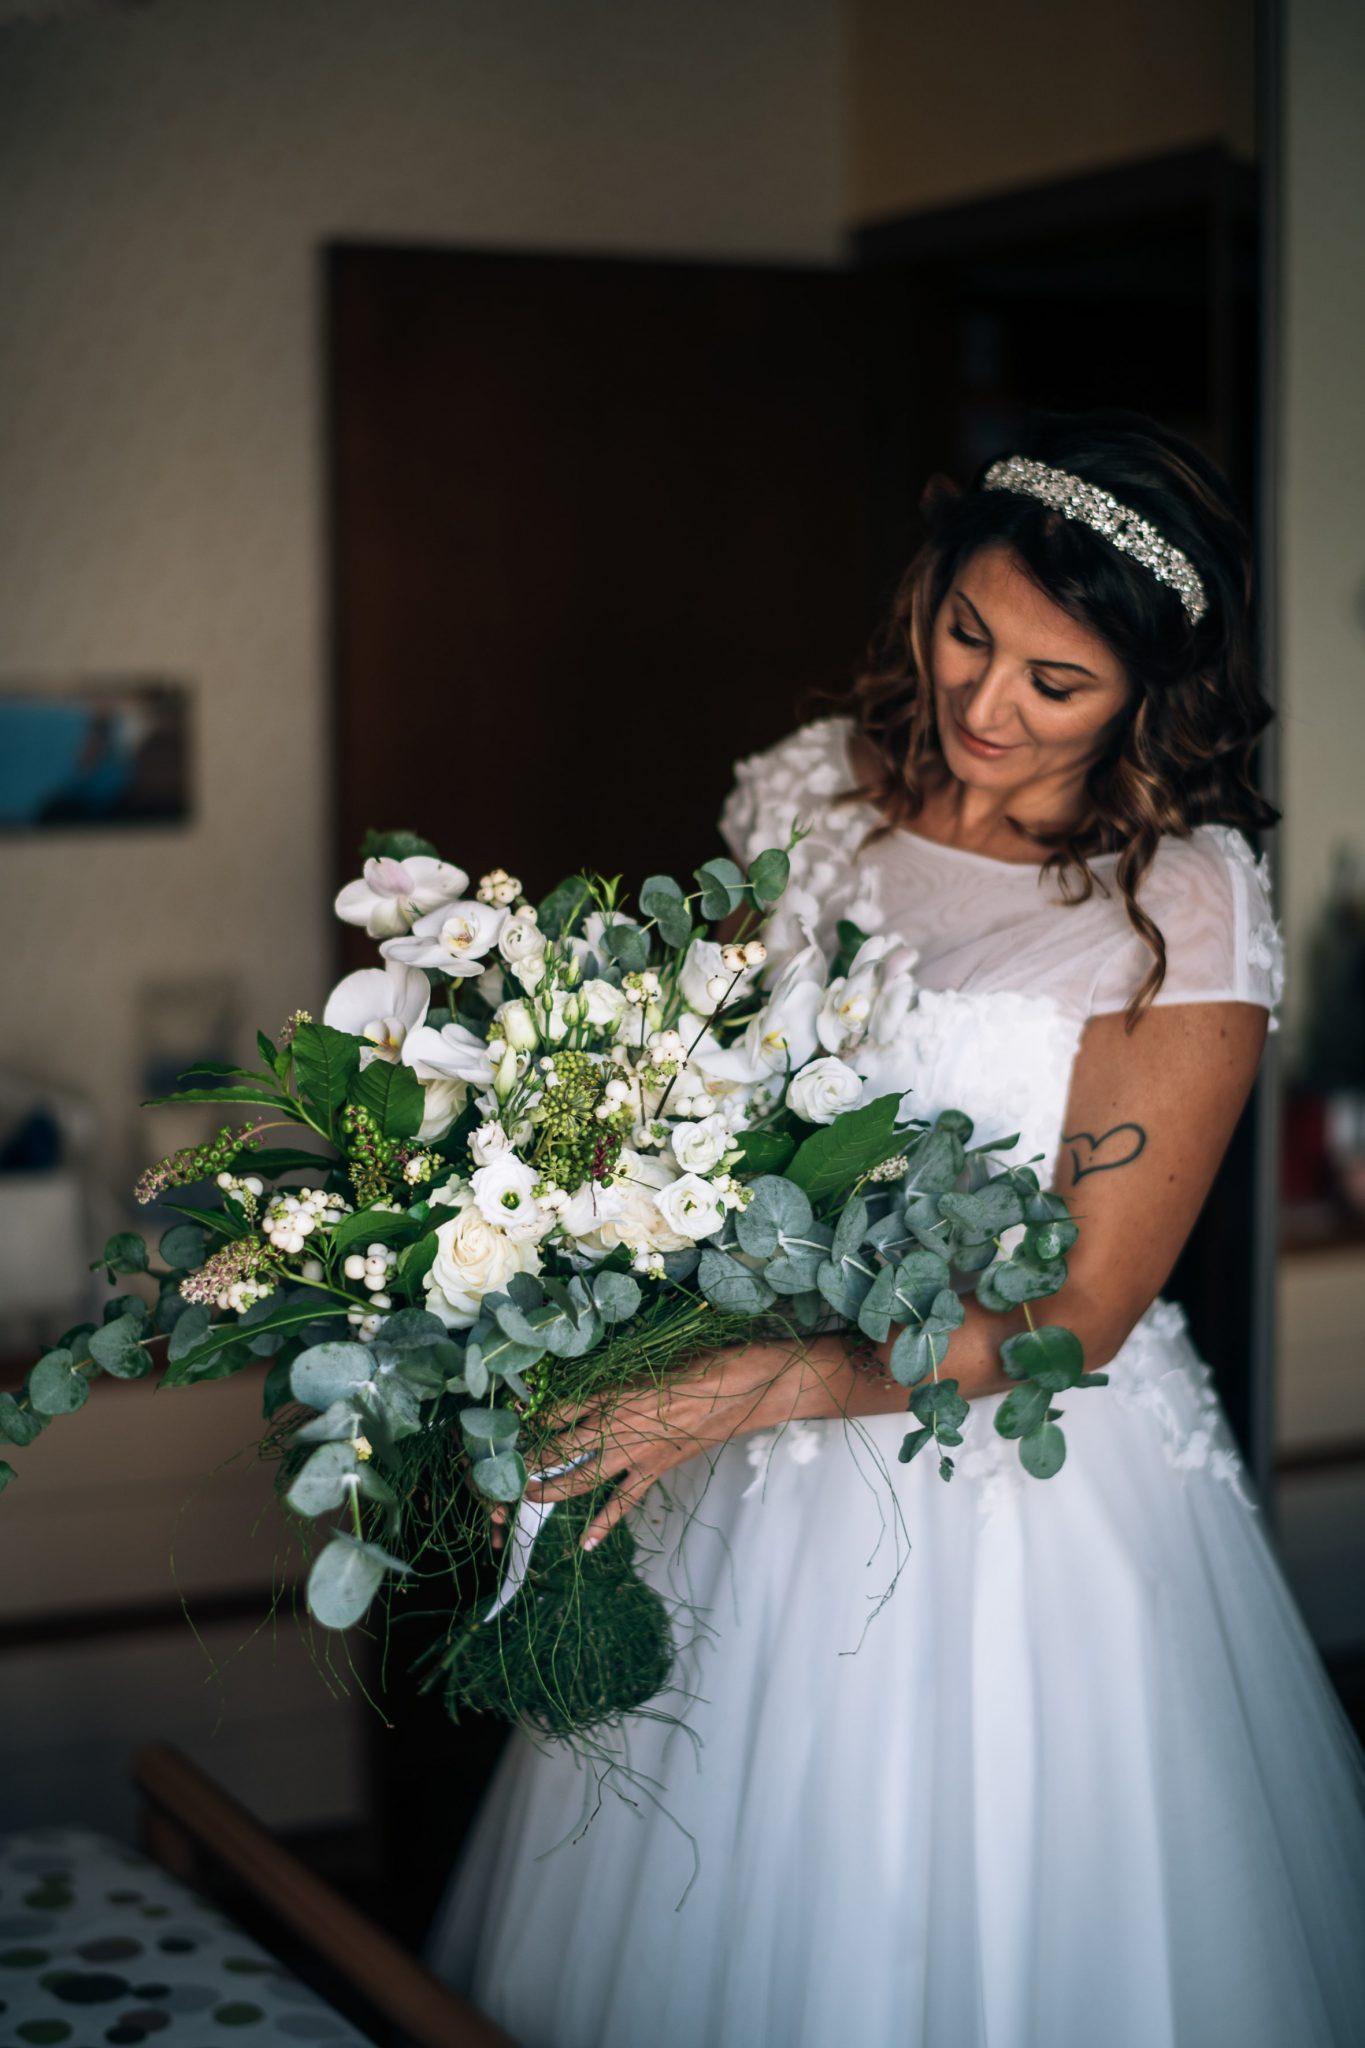 la sposa guarda sorridendo il bouquet